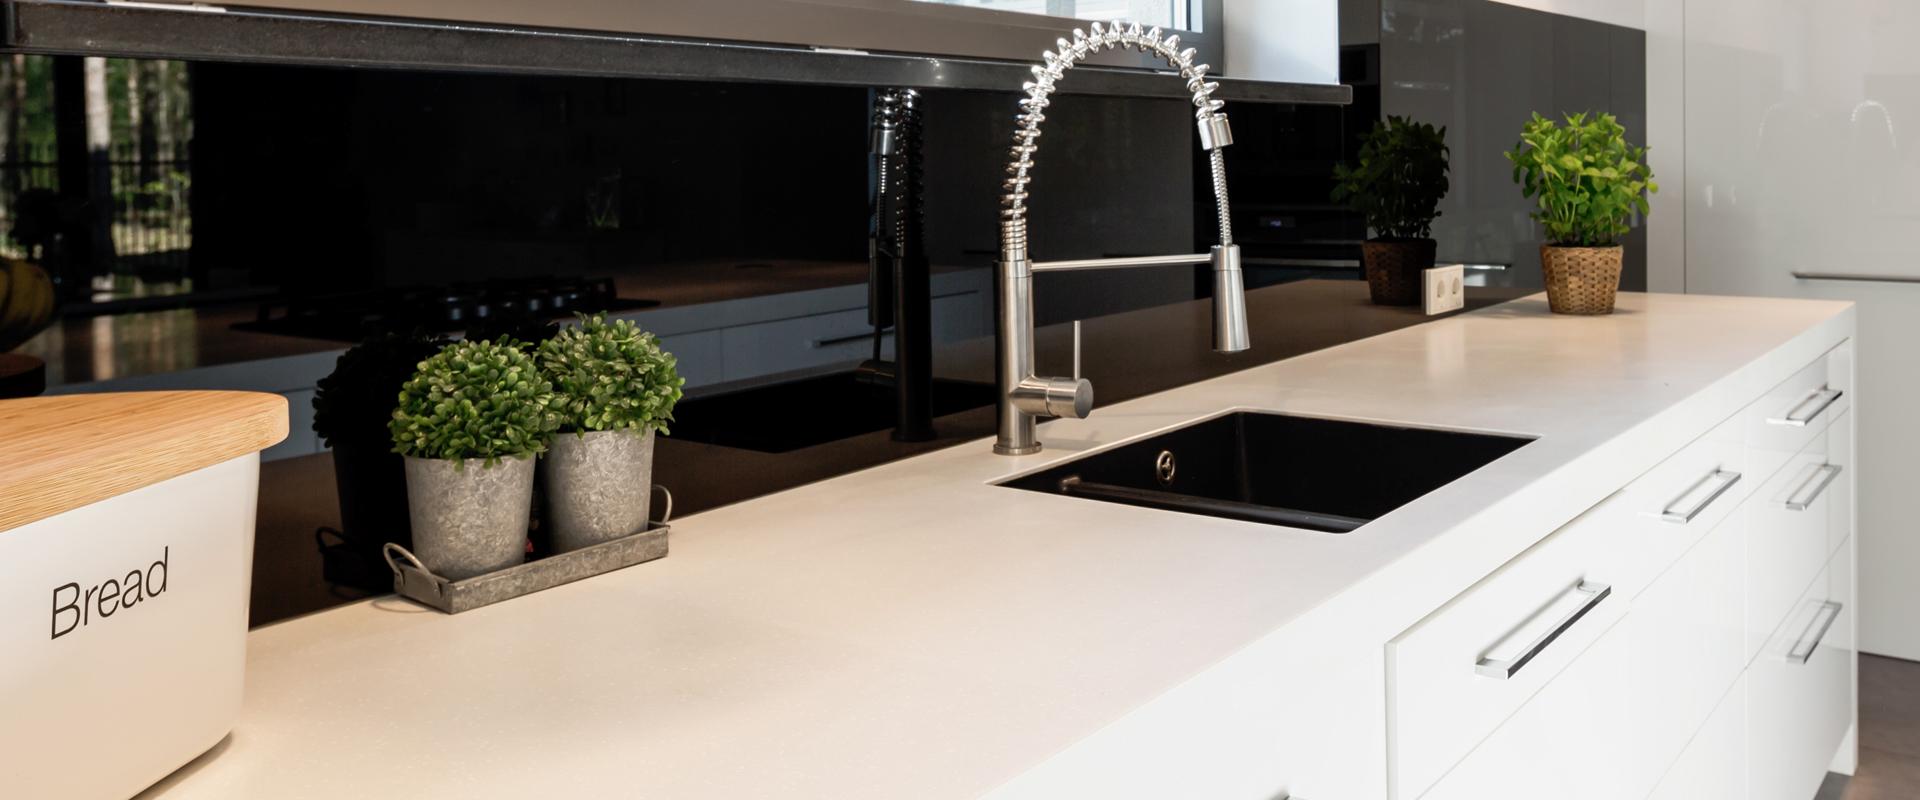 quartz worktop with kitchen sink